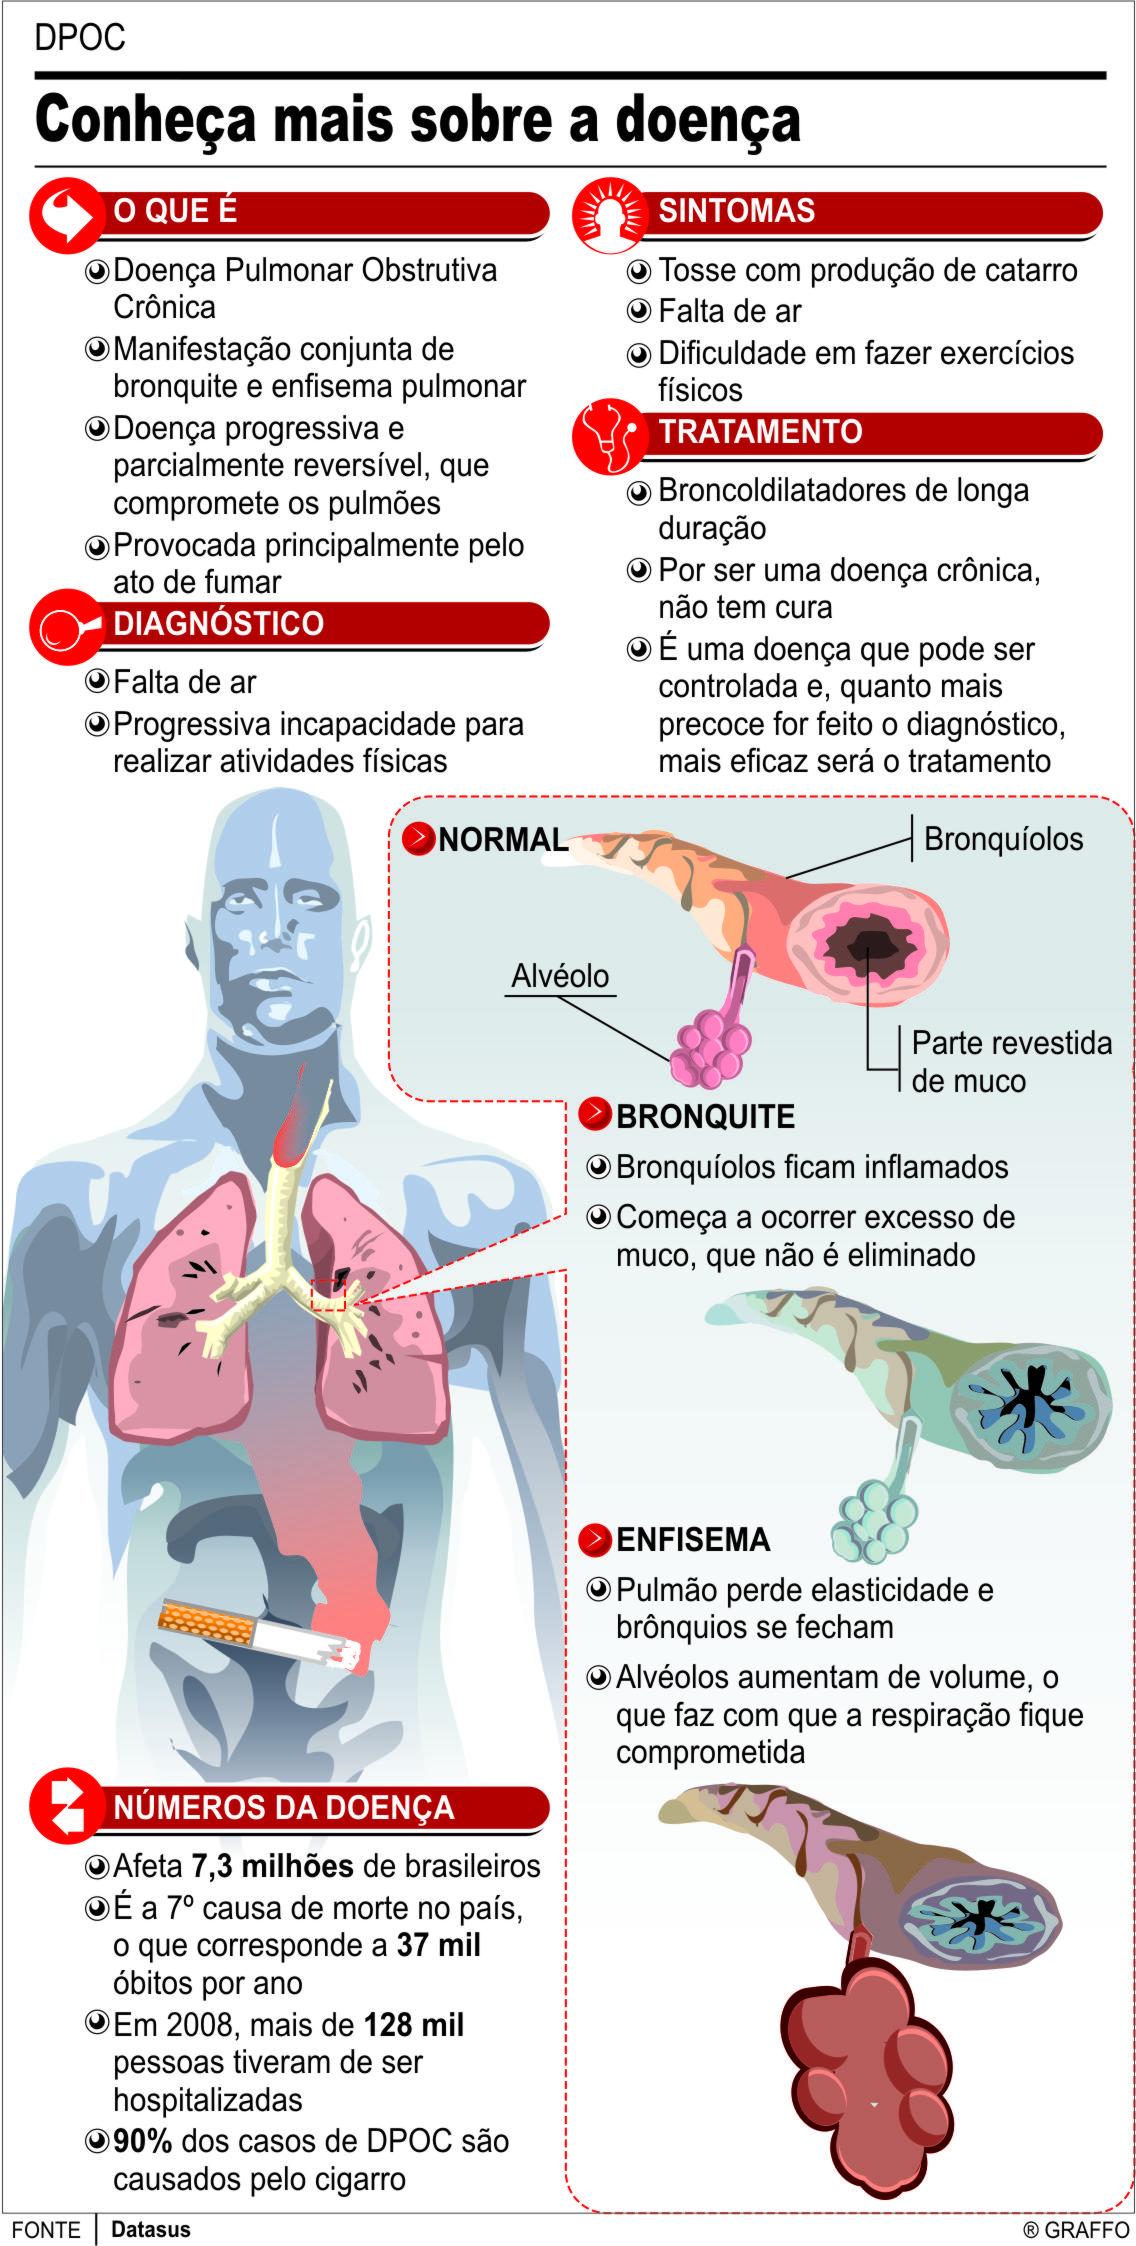 DPOC: Conheça mais sobre a doença que afeta 7,3 milhões de